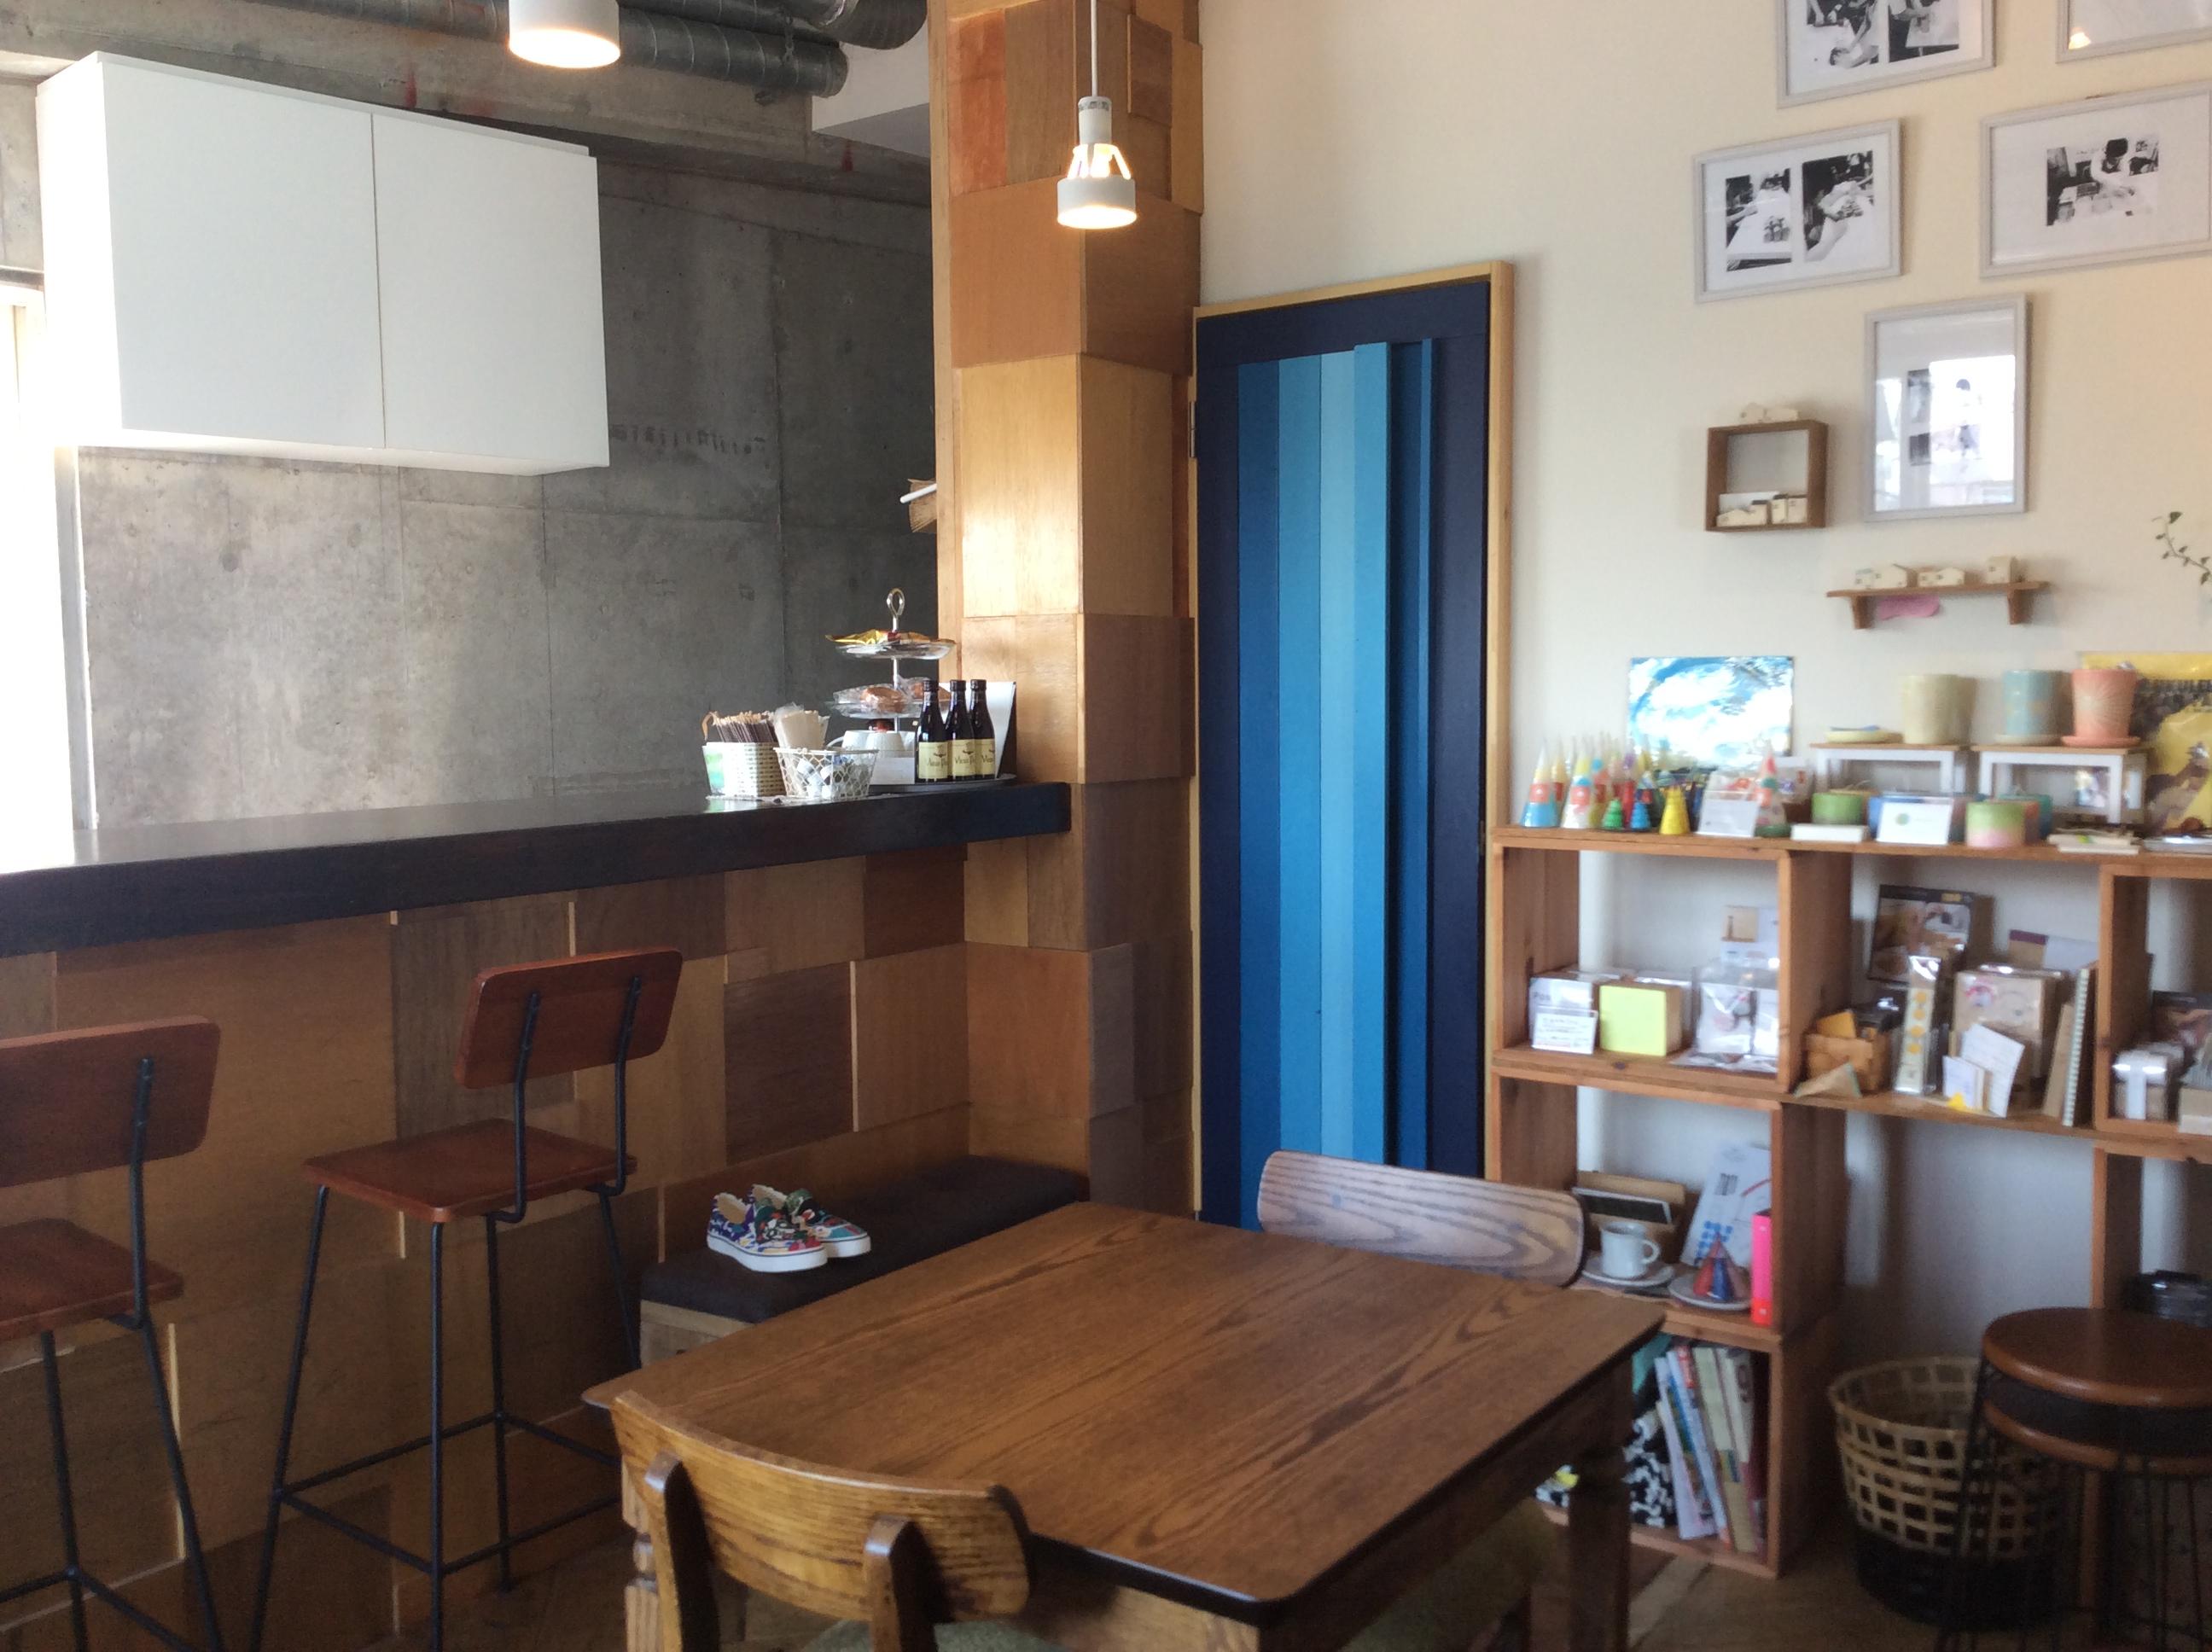 下北沢】かわいいカフェをリーズナブルに貸切!使い方自由自在!「ten